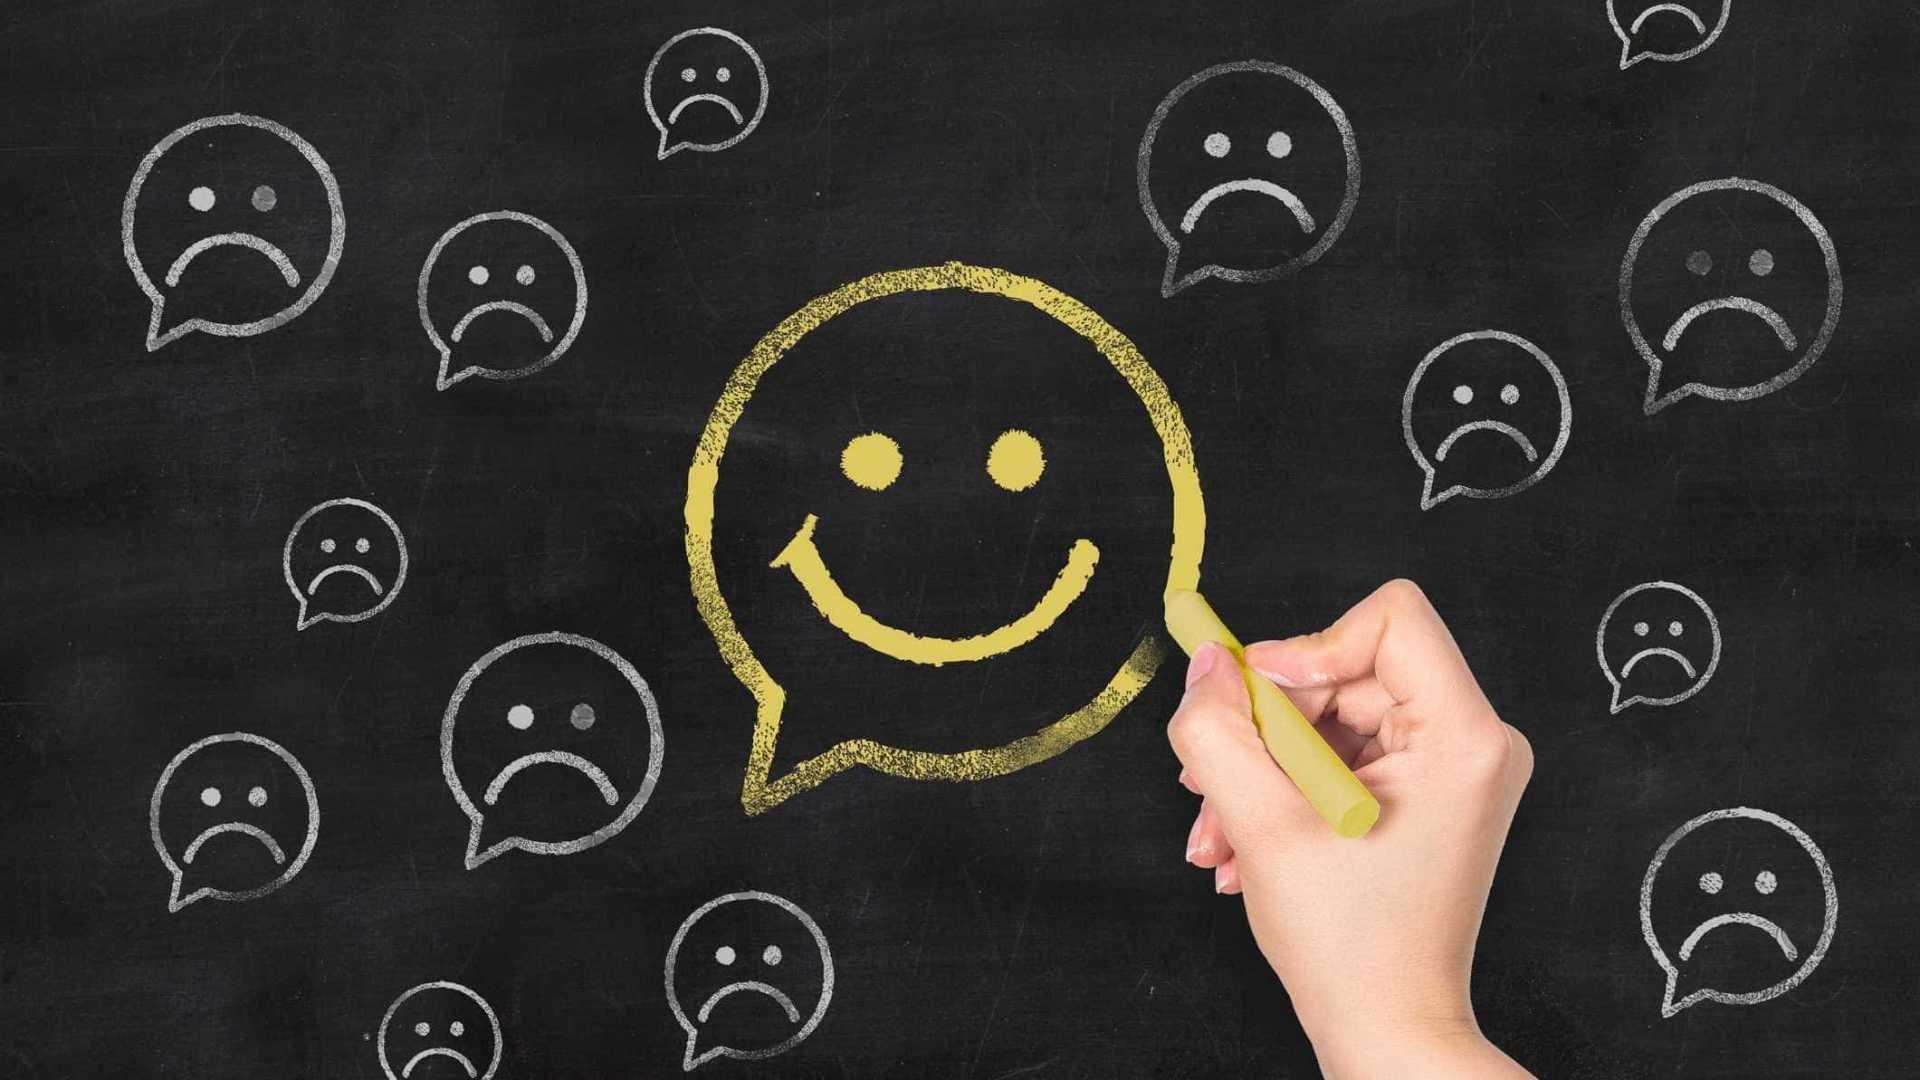 positivo, pensamento, saúde, muito, bem-estar, frase, ajudar, sonhos, Saiba, Enquanto, comprada, Pense, financiamento